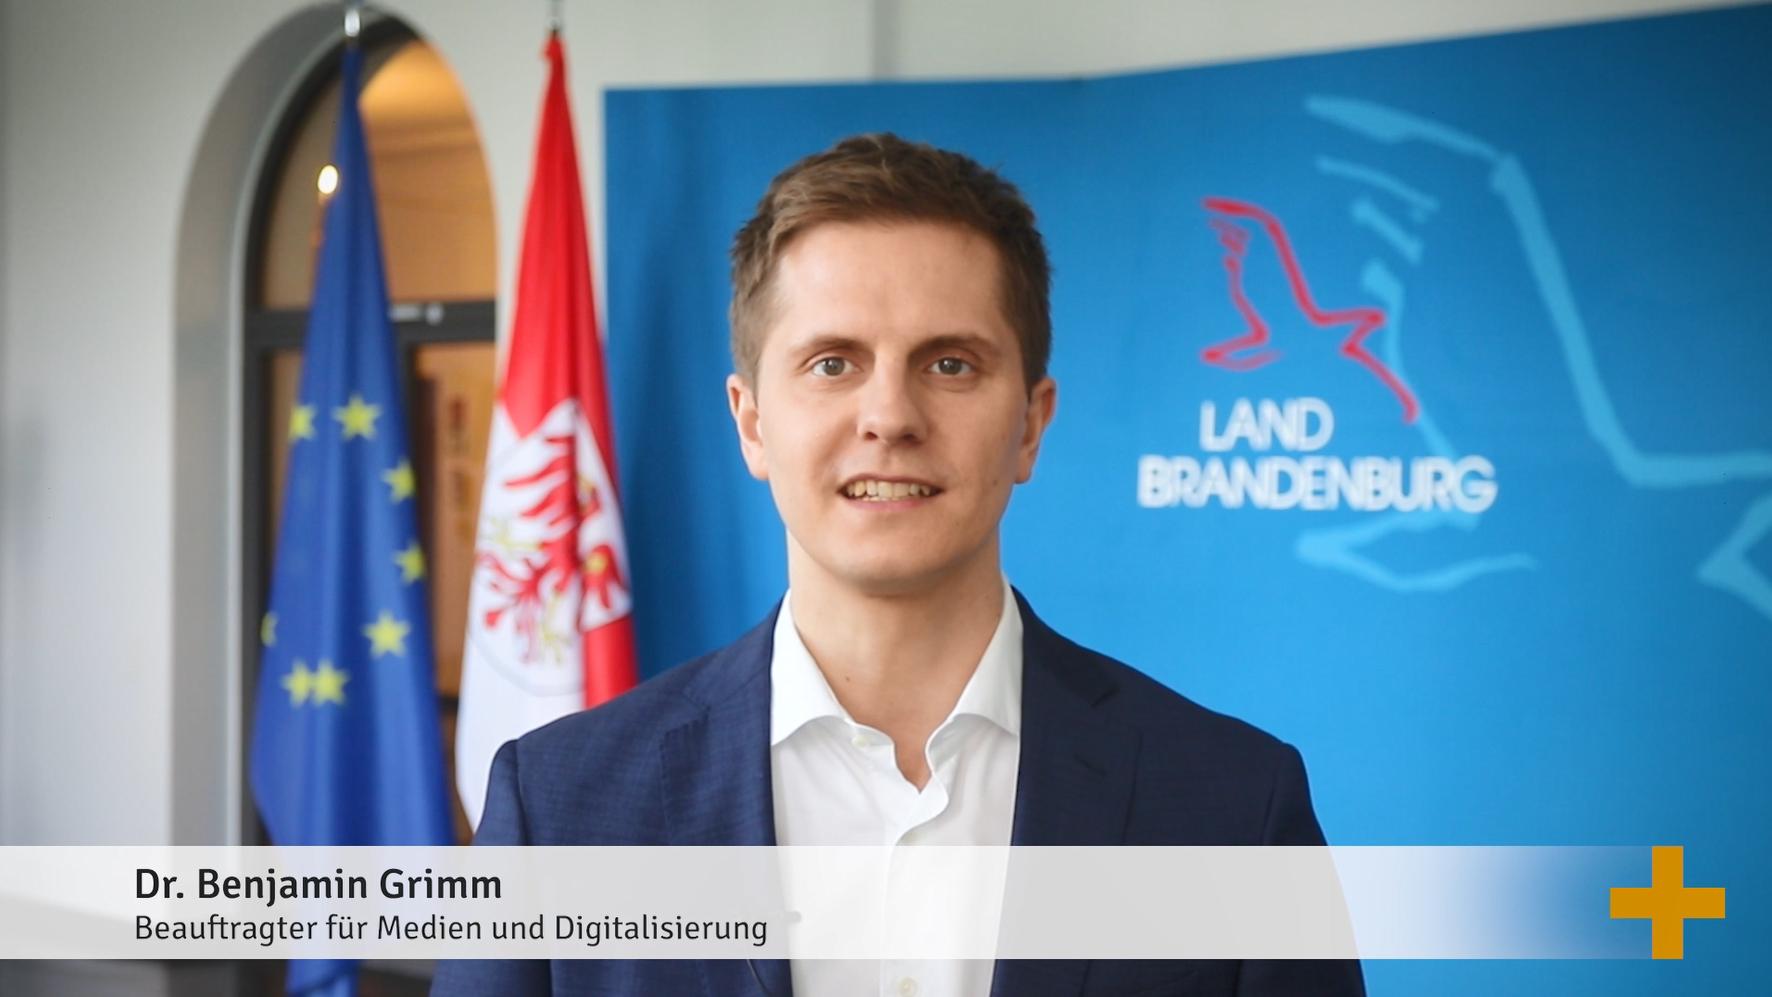 Staatssekretär Grimm eröffnet die Dialogveranstaltung der Staatskanzlei